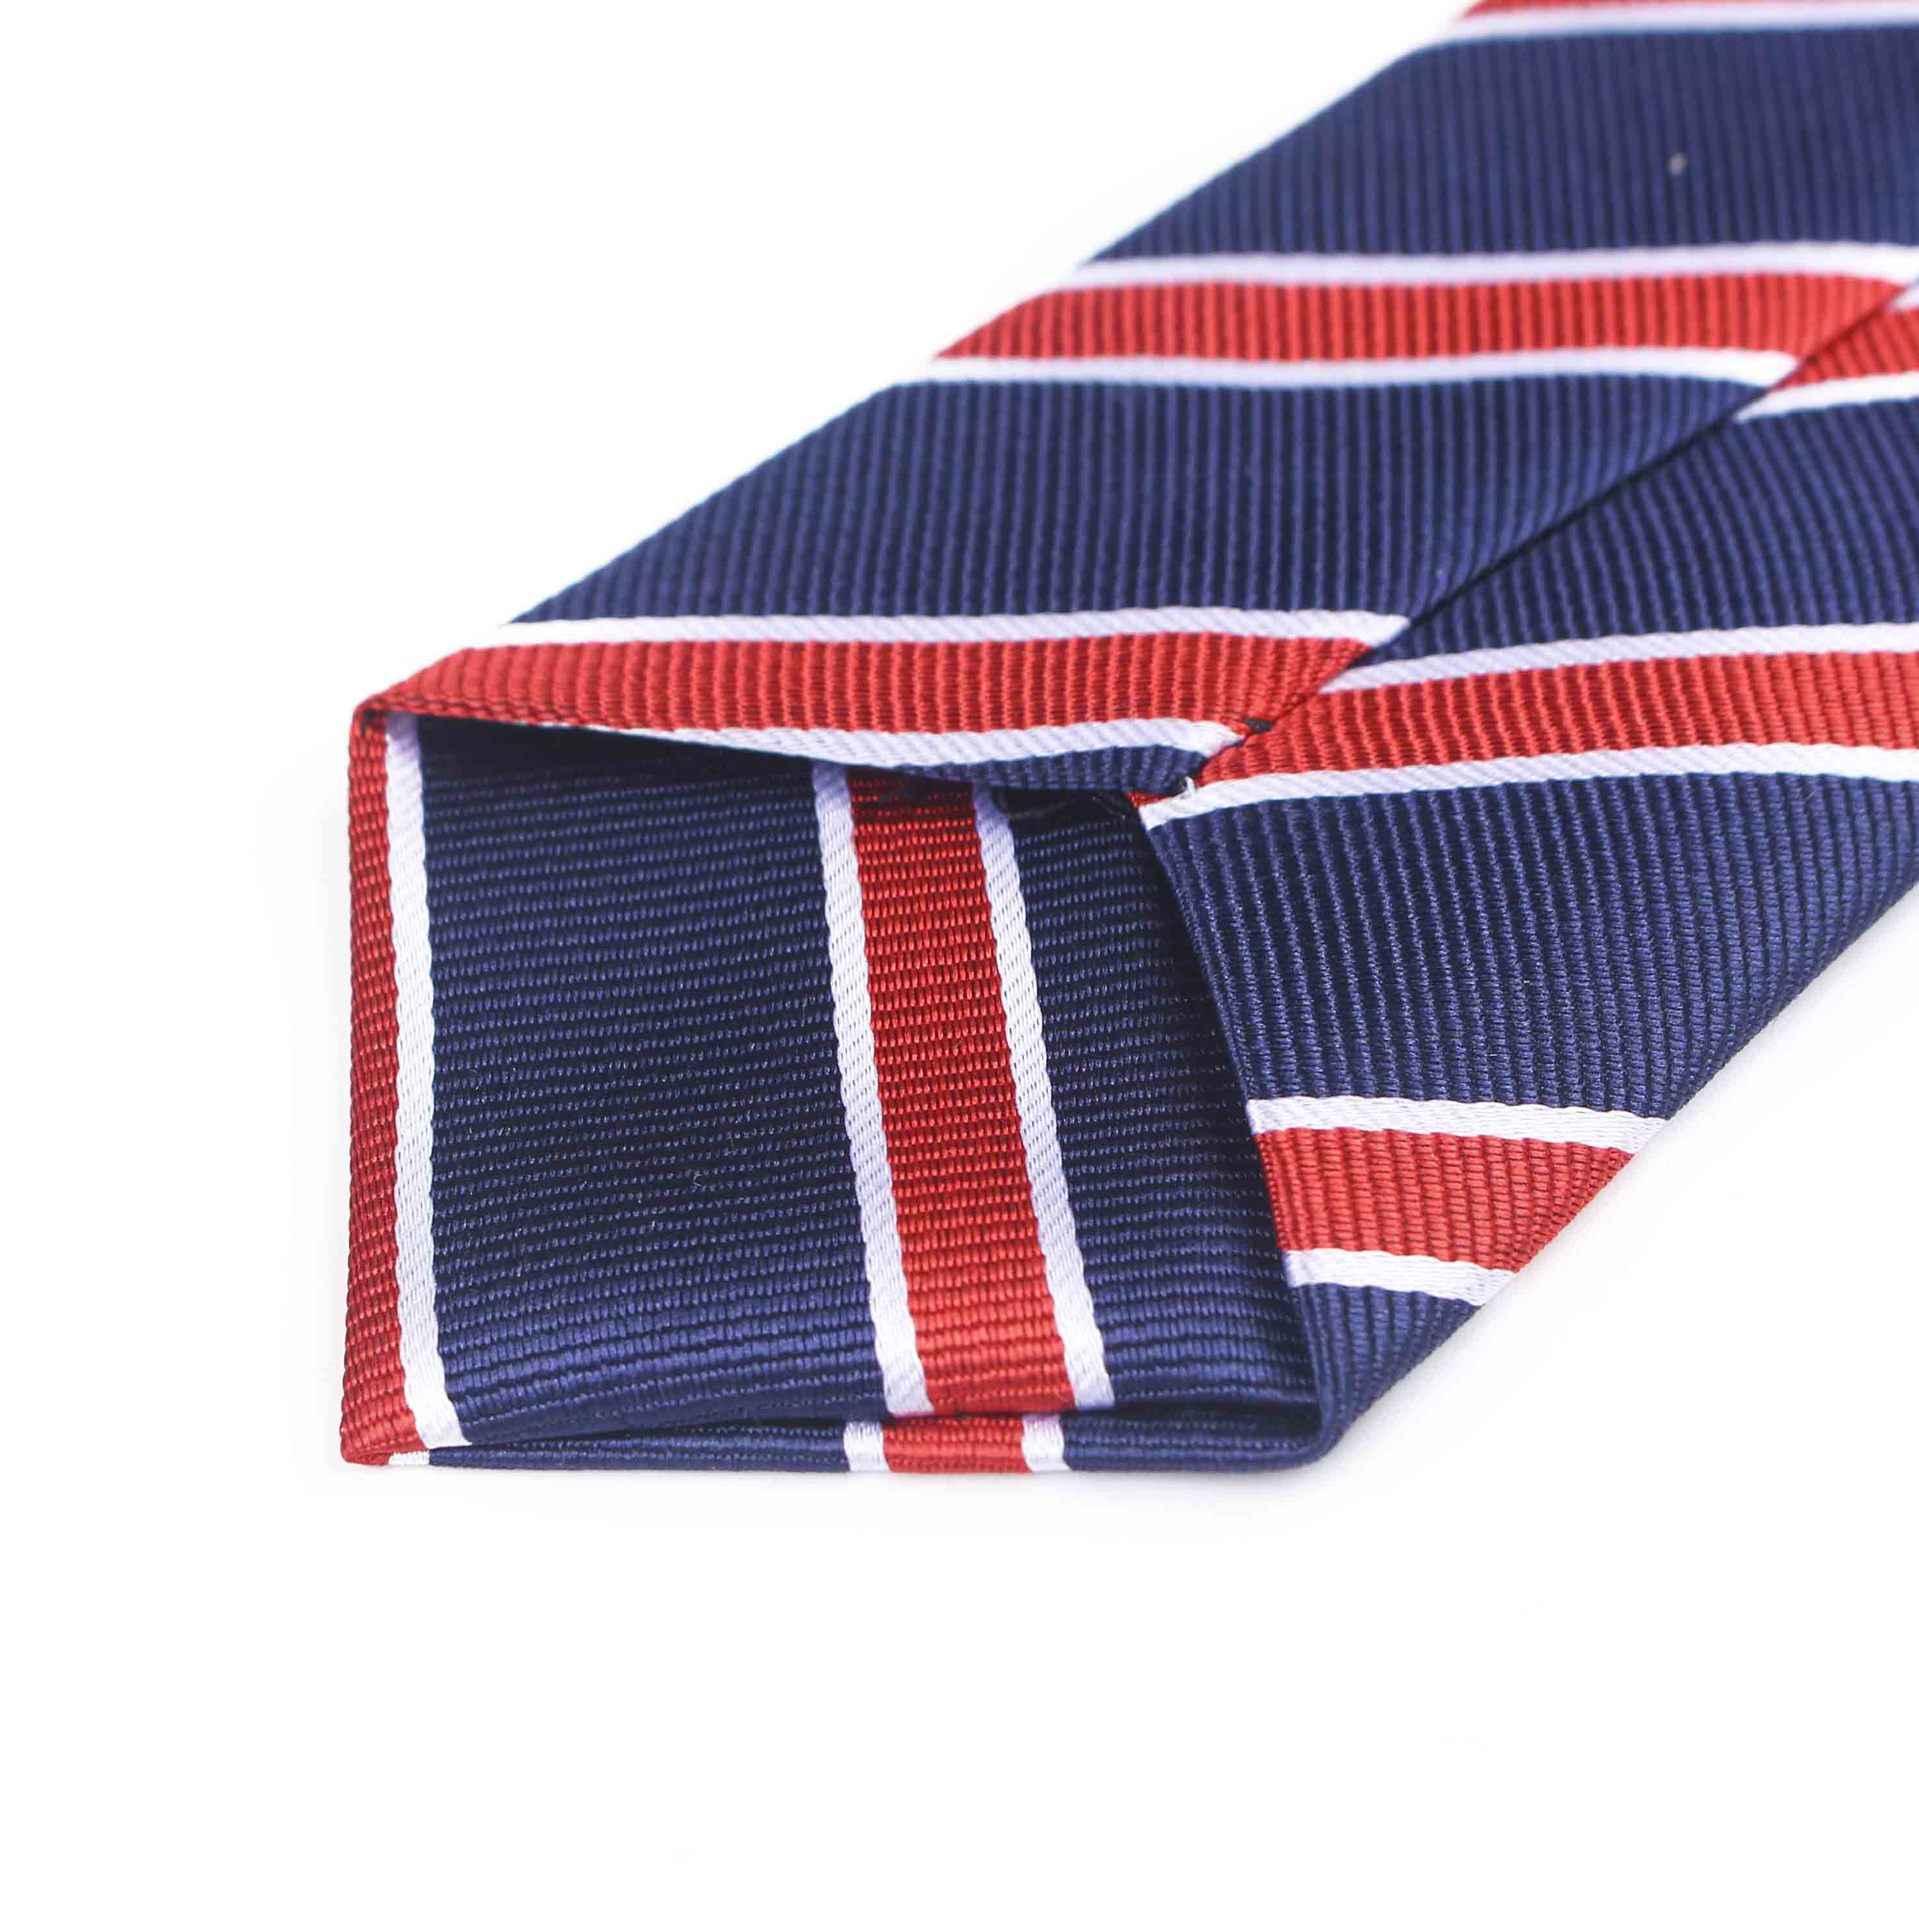 32*6cm Gravata chłopcy dziewczęta krawat dla dzieci szkoła klasy kostium taneczny akcesoria zespół Cartoon Student krawat krawat krawat prezent